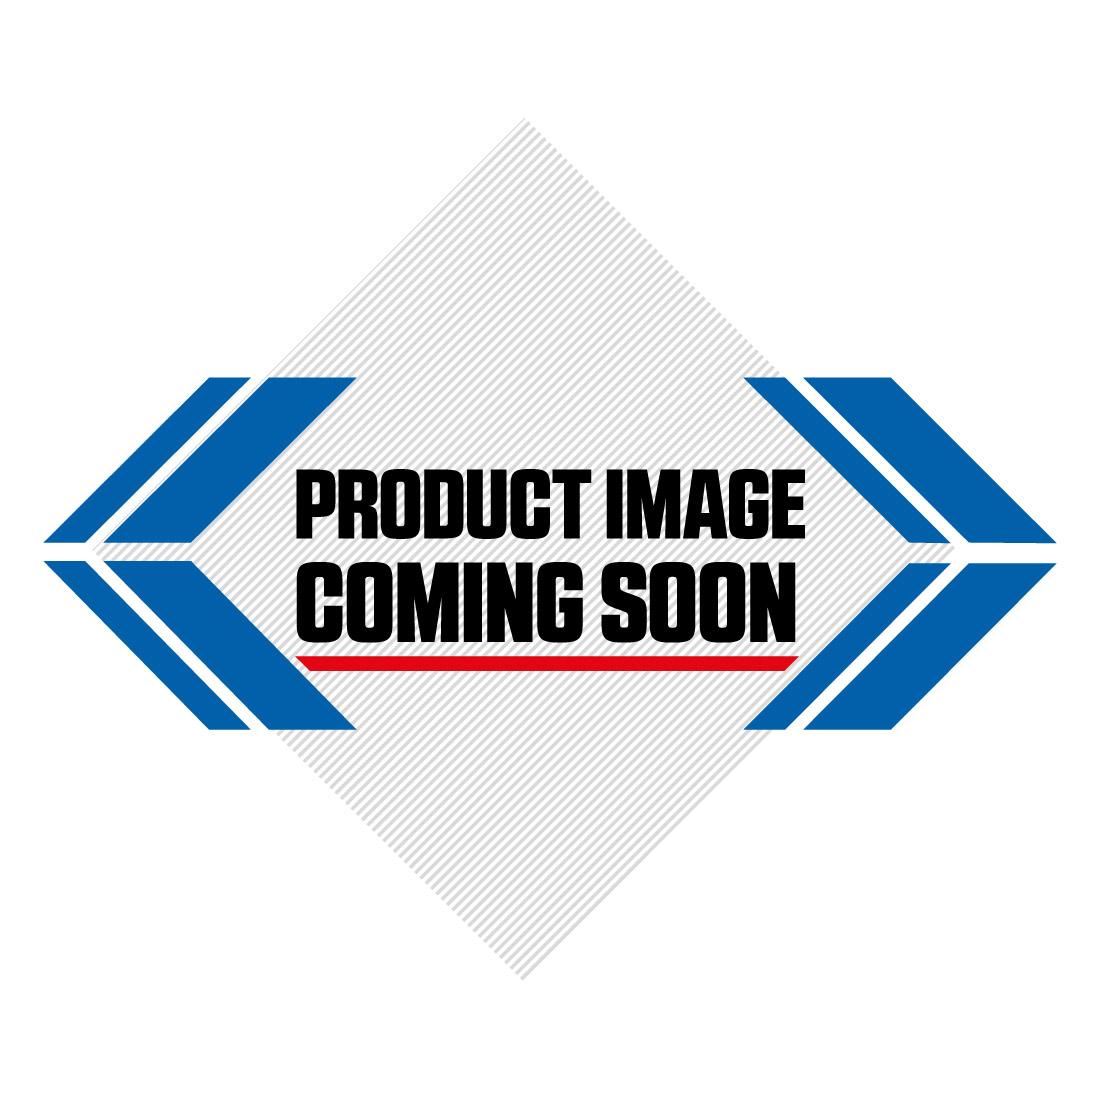 Kawasaki Plastic Kit KX 125 250 (99-02) OEM Factory Image-0